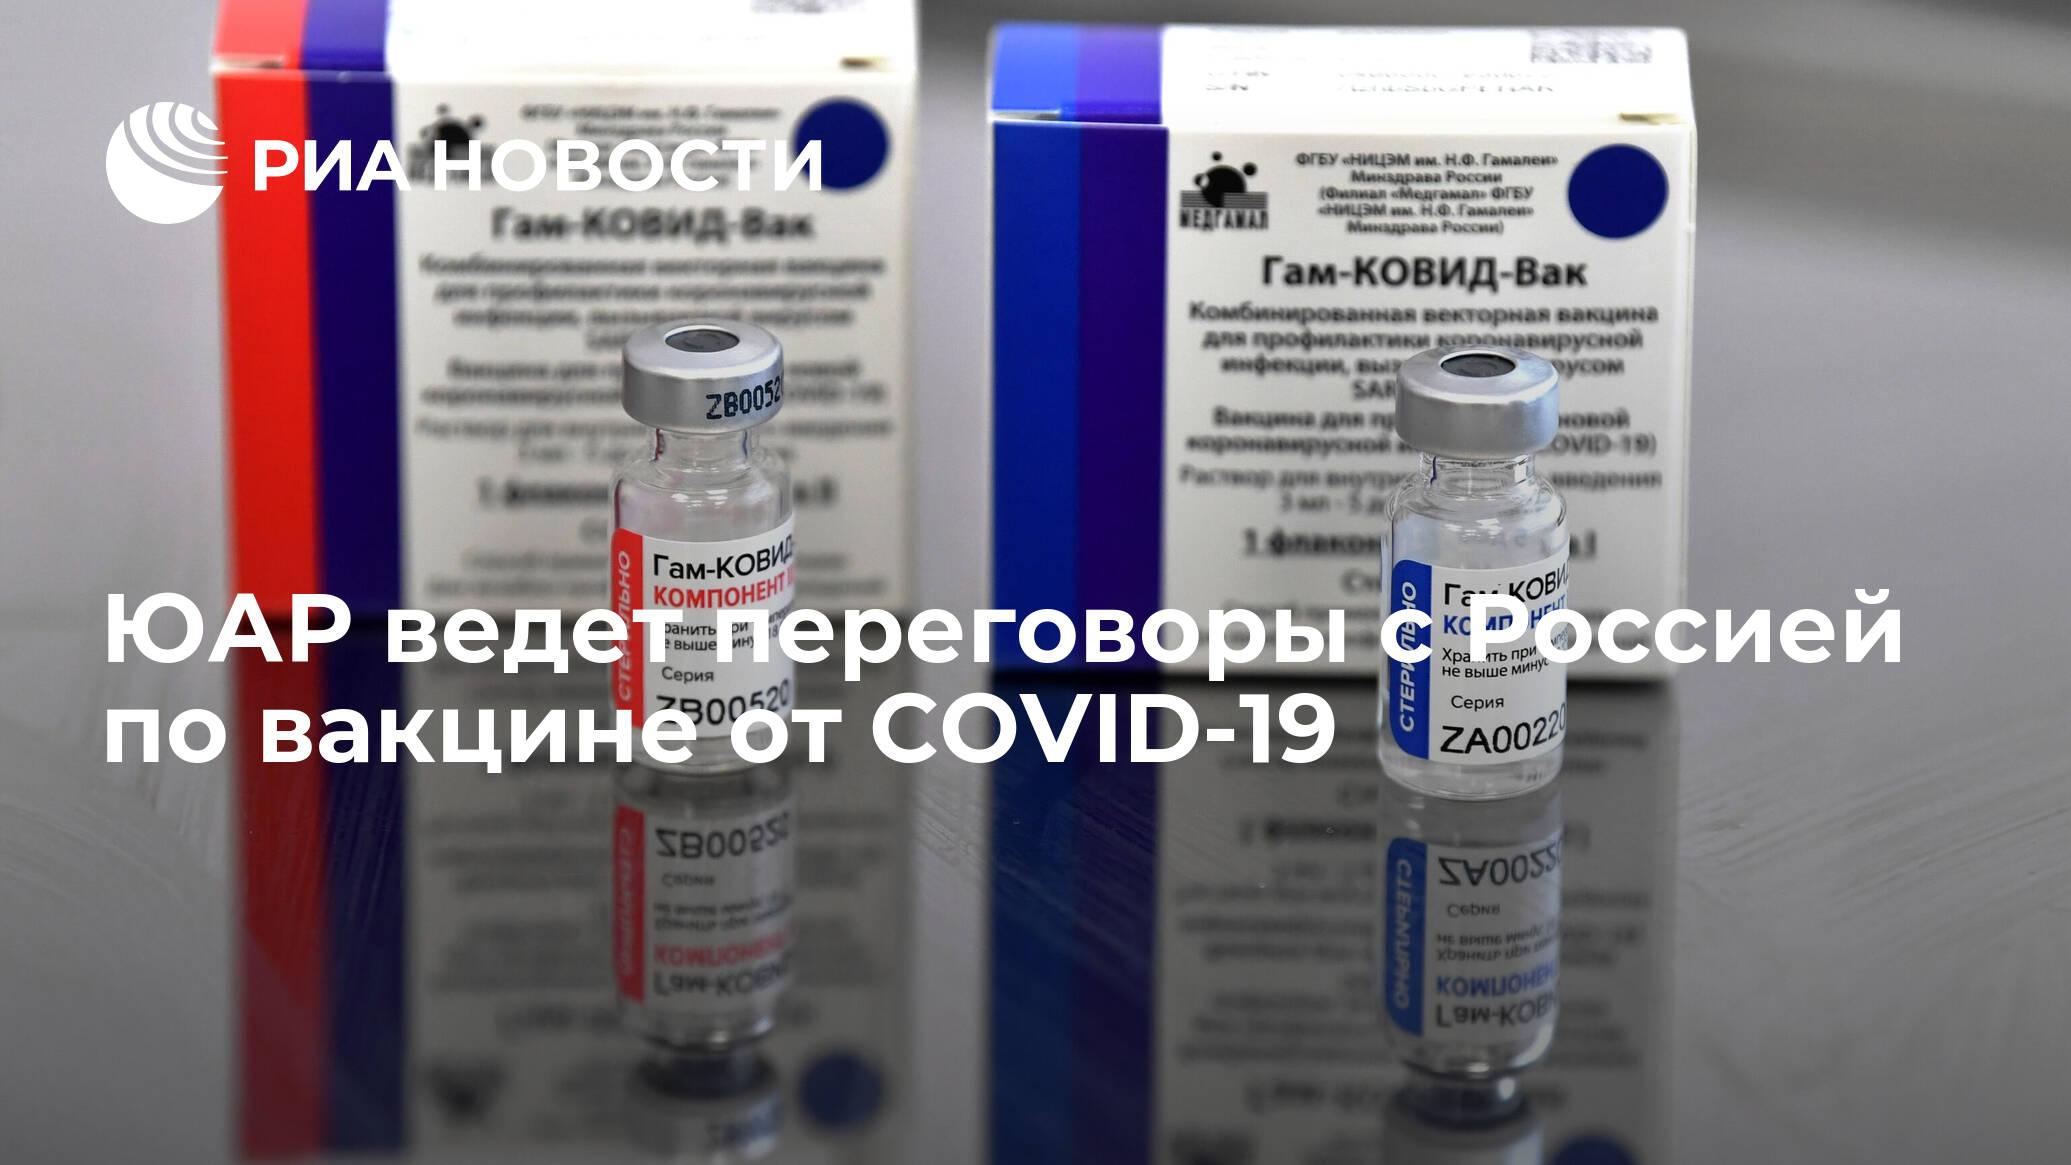 ЮАР ведет переговоры с Россией по вакцине от COVID-19 - РИА НОВОСТИ